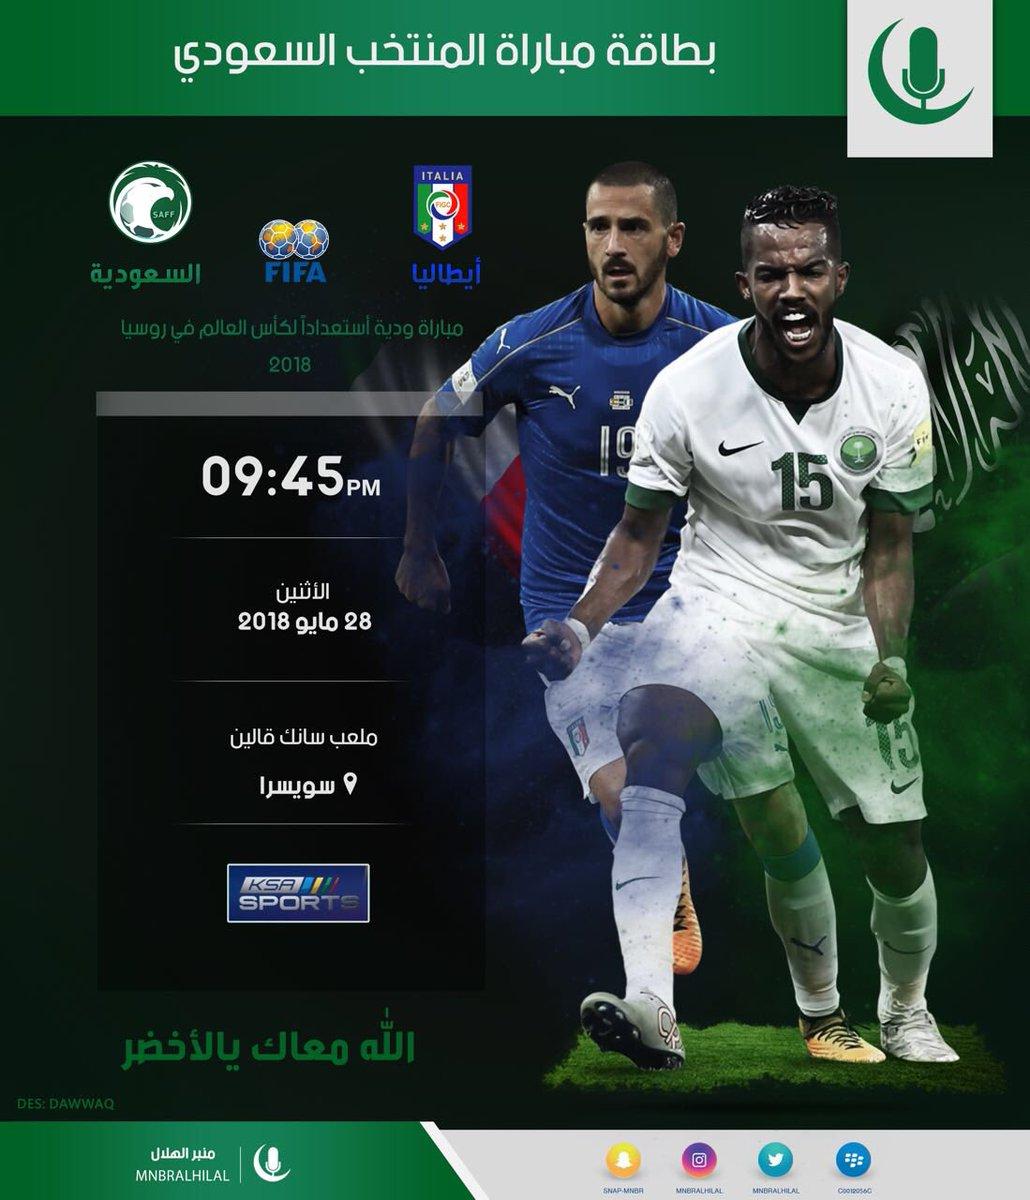 مباراة السعودية وإيطاليا الودية الليلة إستعداد الأخضر للمونديال والقنوات الناقلة على KSA sports - معك يالاخضر 1 28/5/2018 - 5:34 م